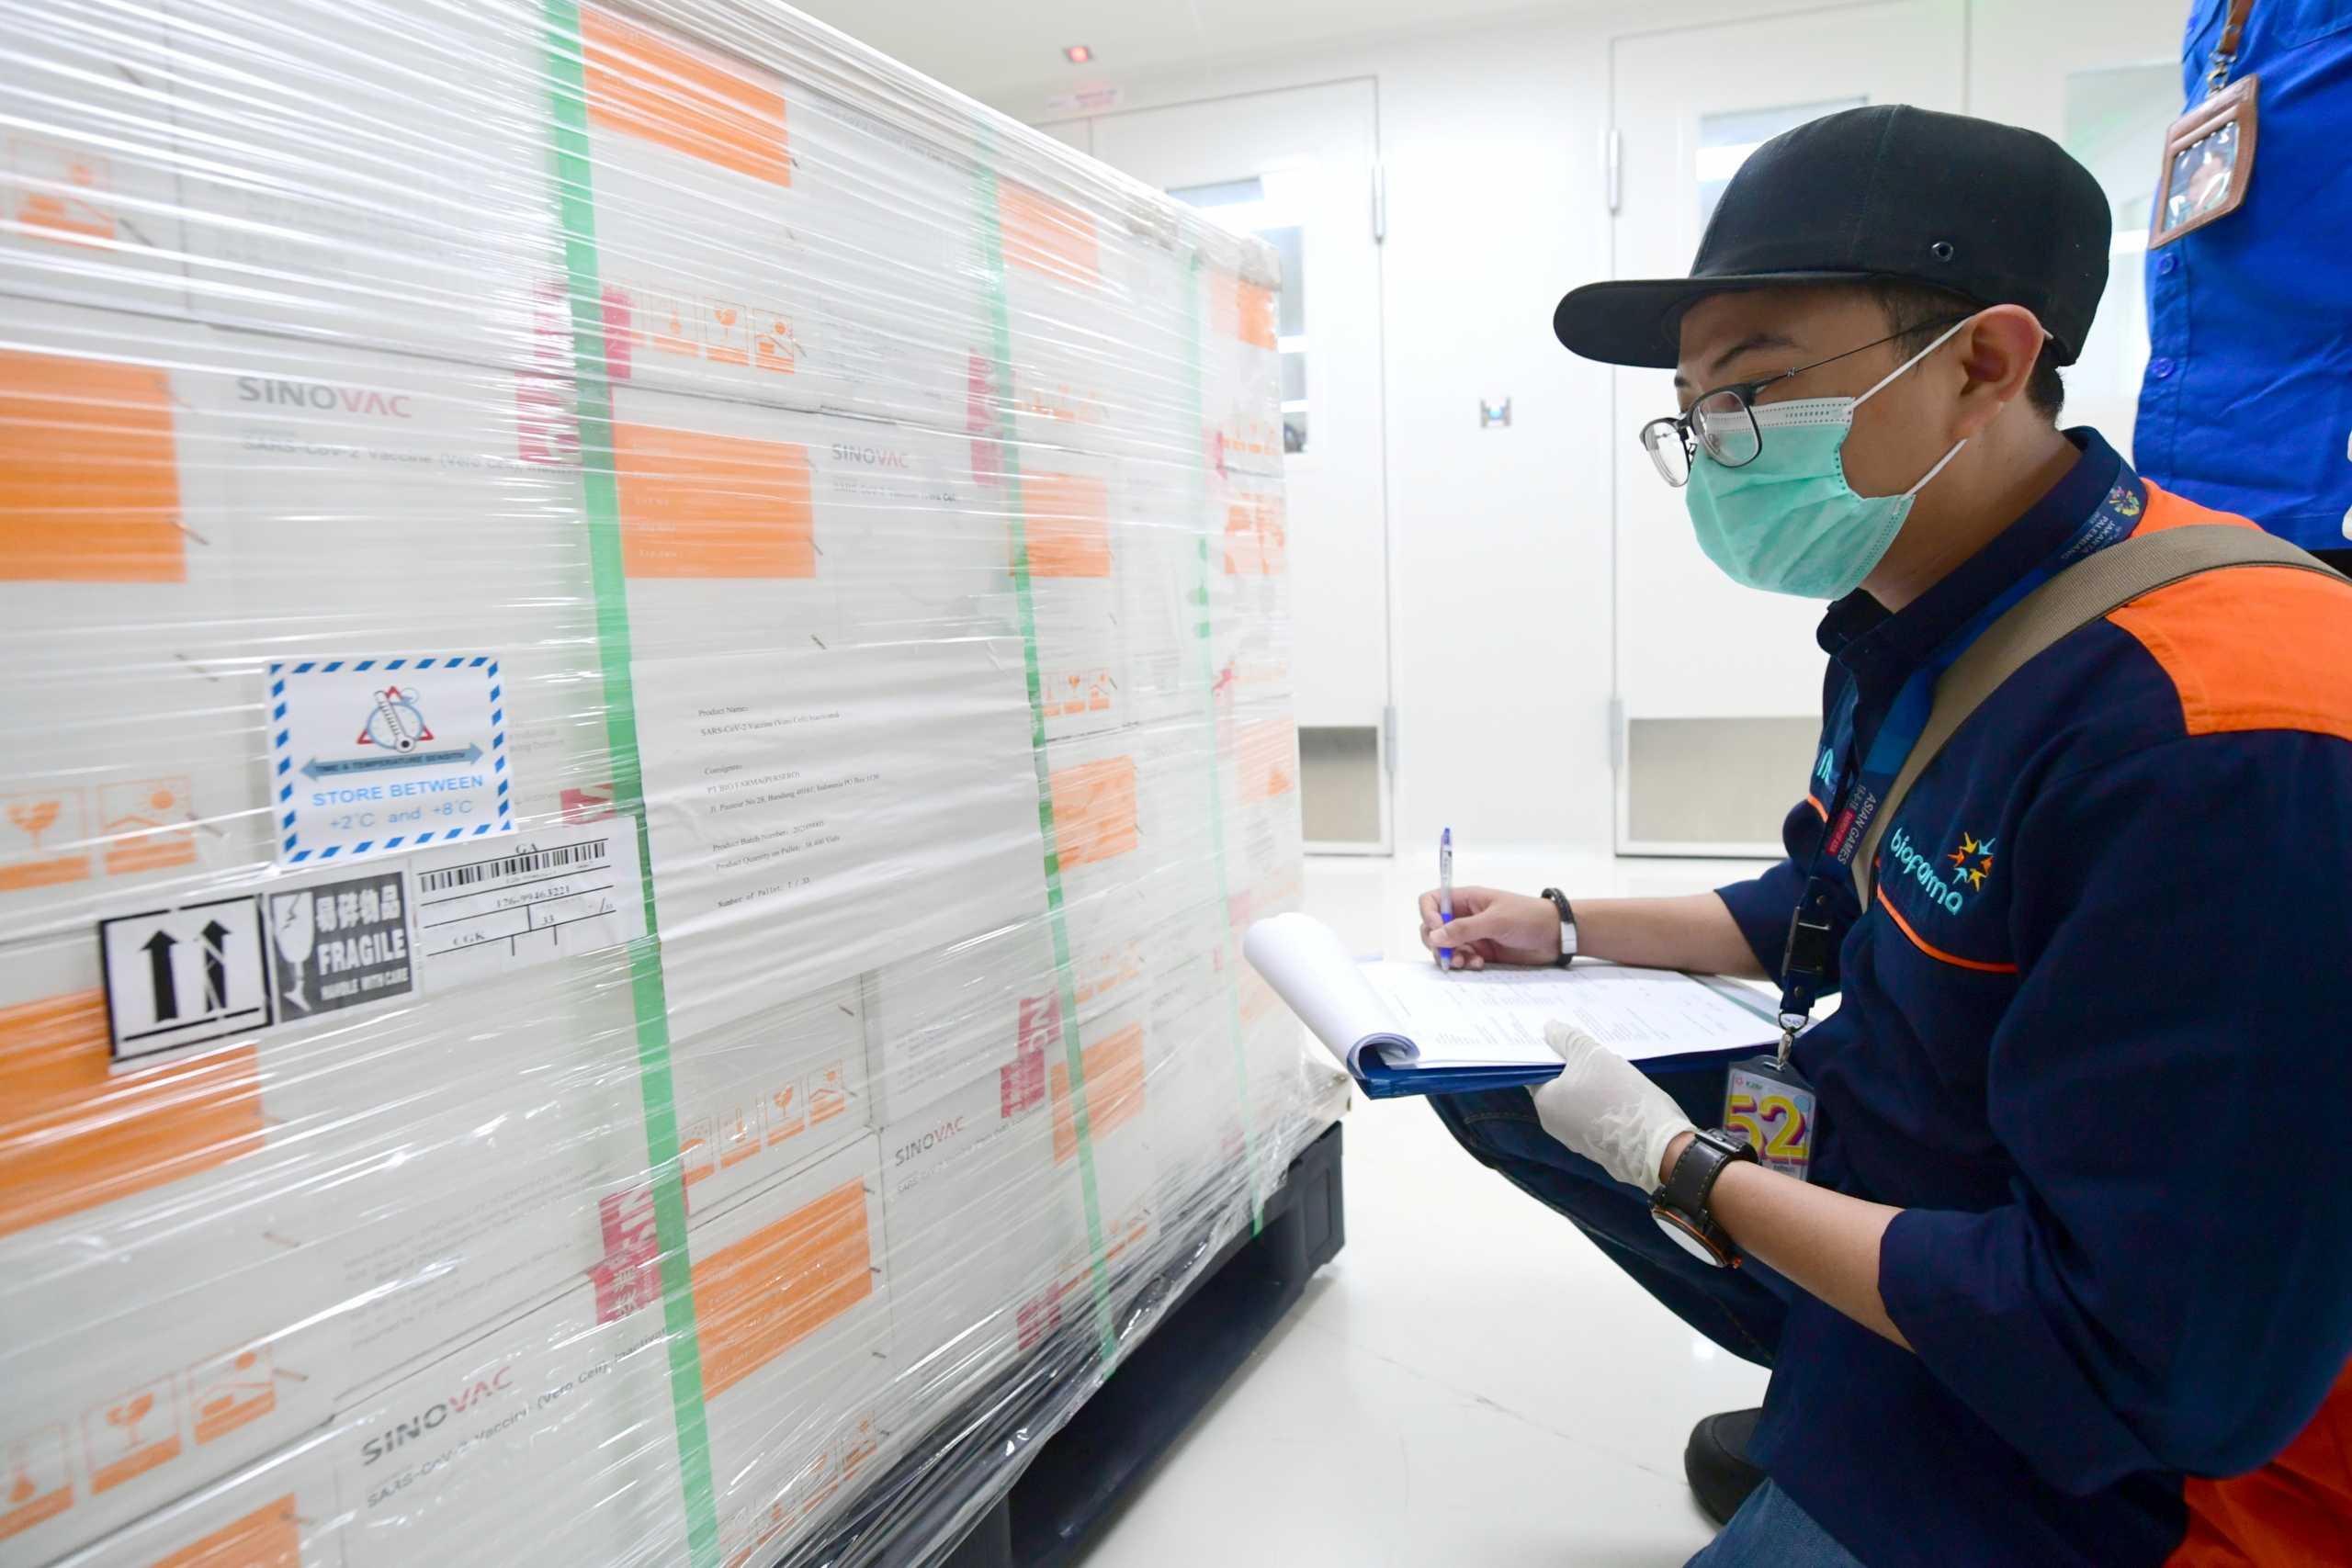 """Κορονοϊός – Κίνα: Εγκρίθηκε """"υπό όρους"""" η διάθεση στην αγορά ενός πρώτου κινεζικού εμβολίου"""